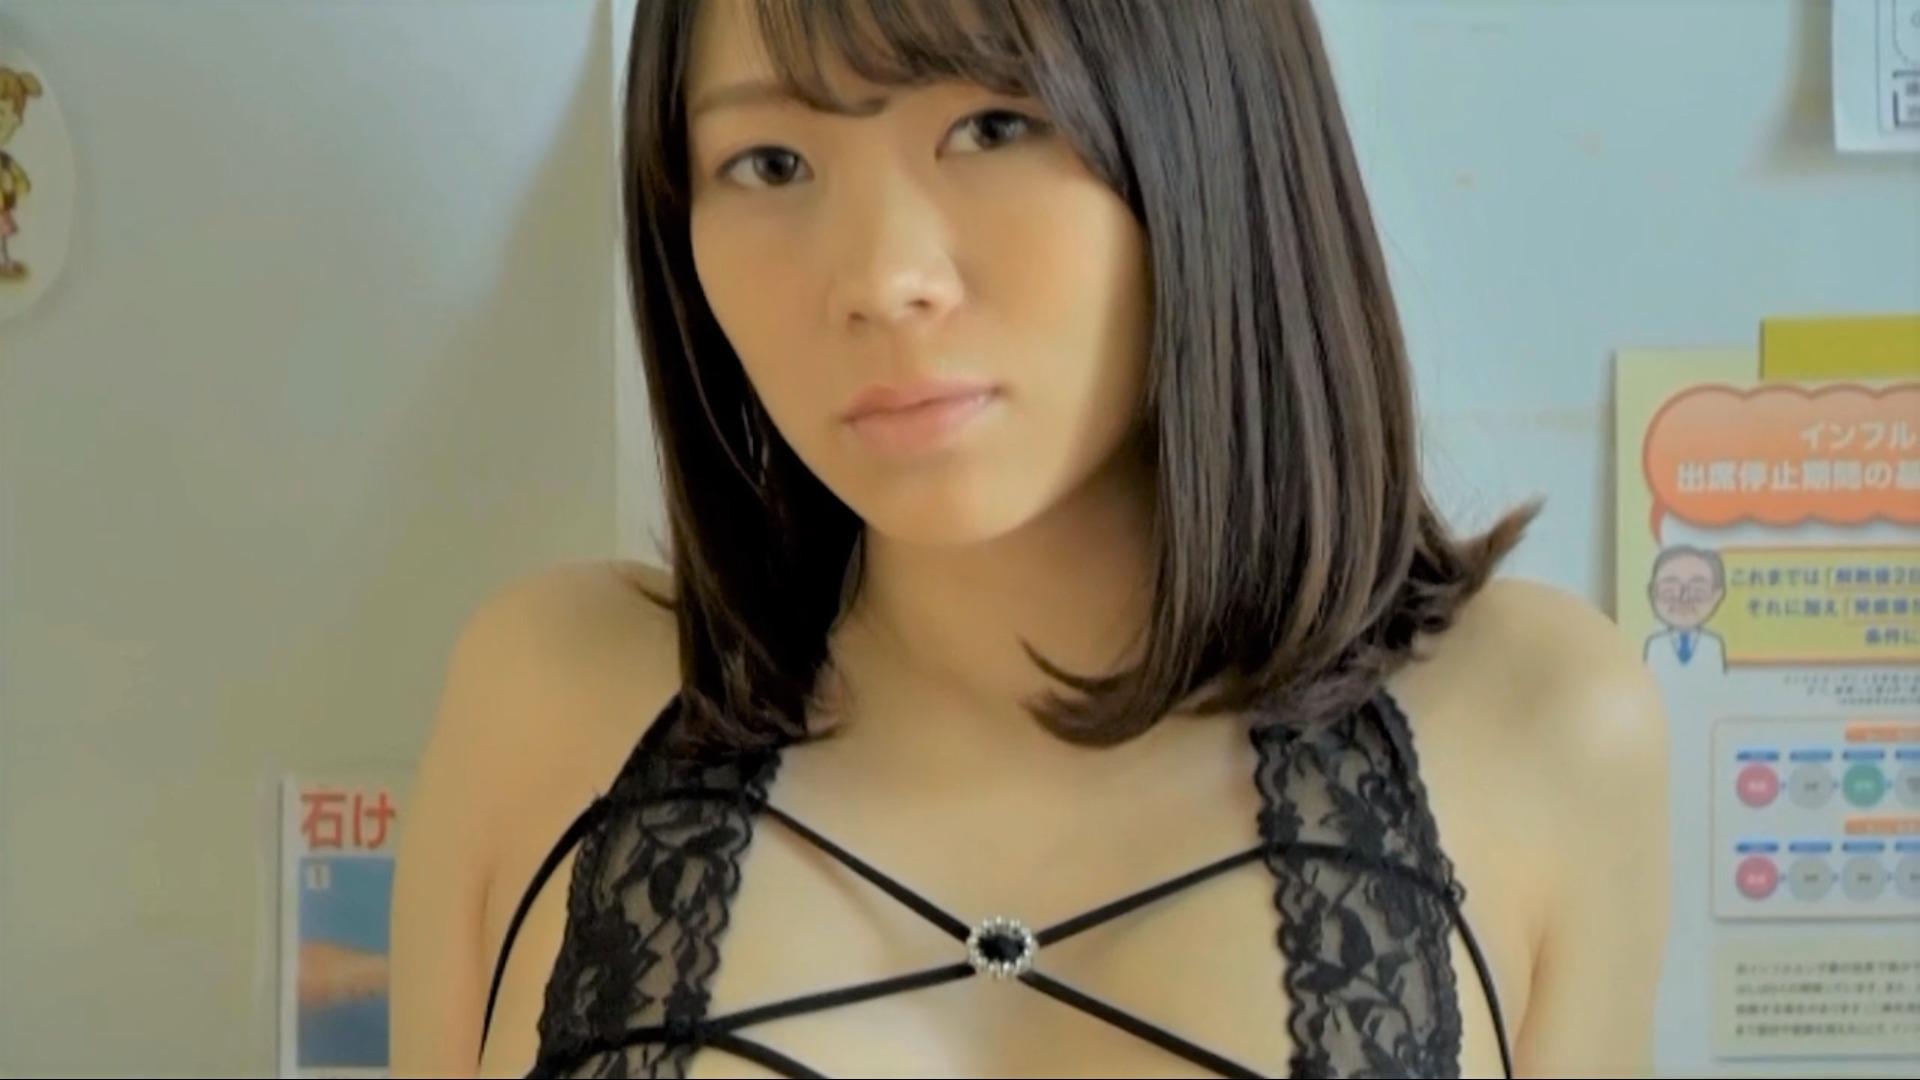 【新垣由奈】Dカップ 白衣の下はびっくりのセクシー衣装!M字に開脚している姿も!